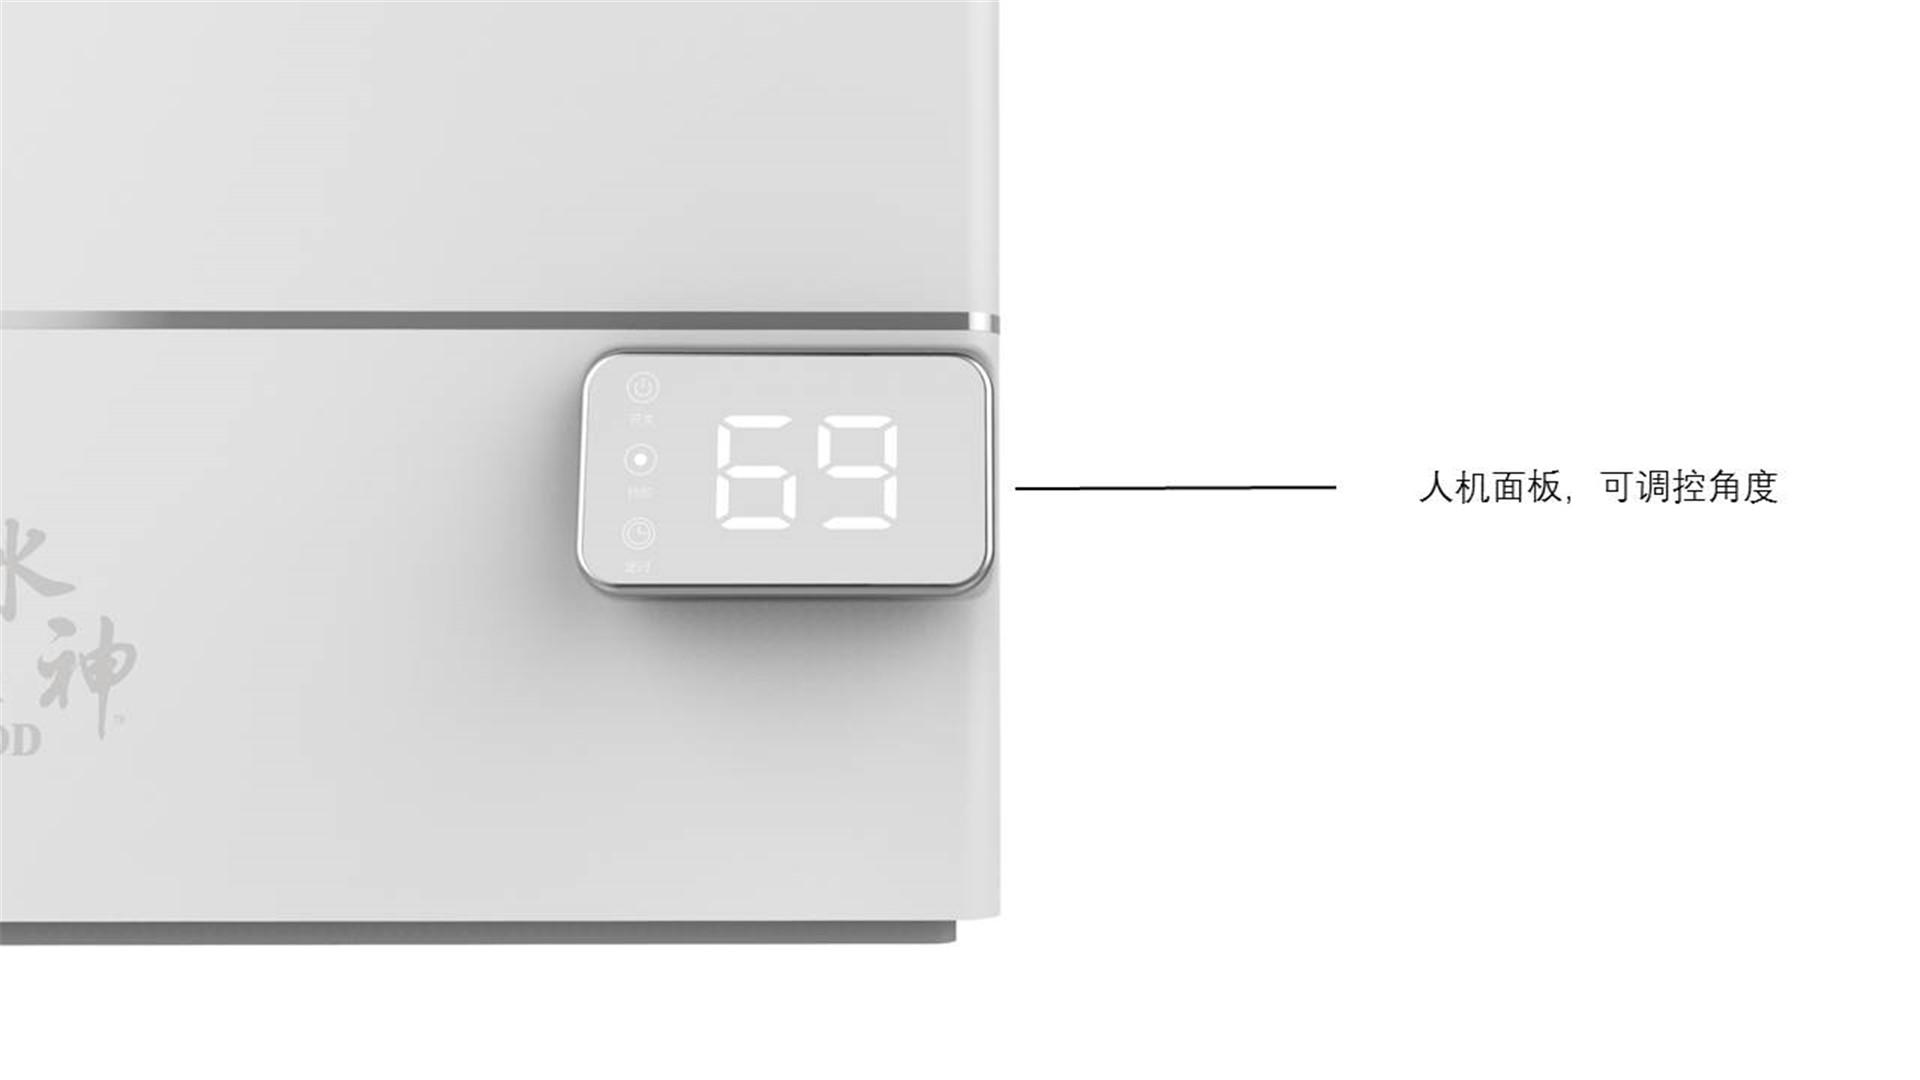 旺旺加湿器8_产品设计-来设计